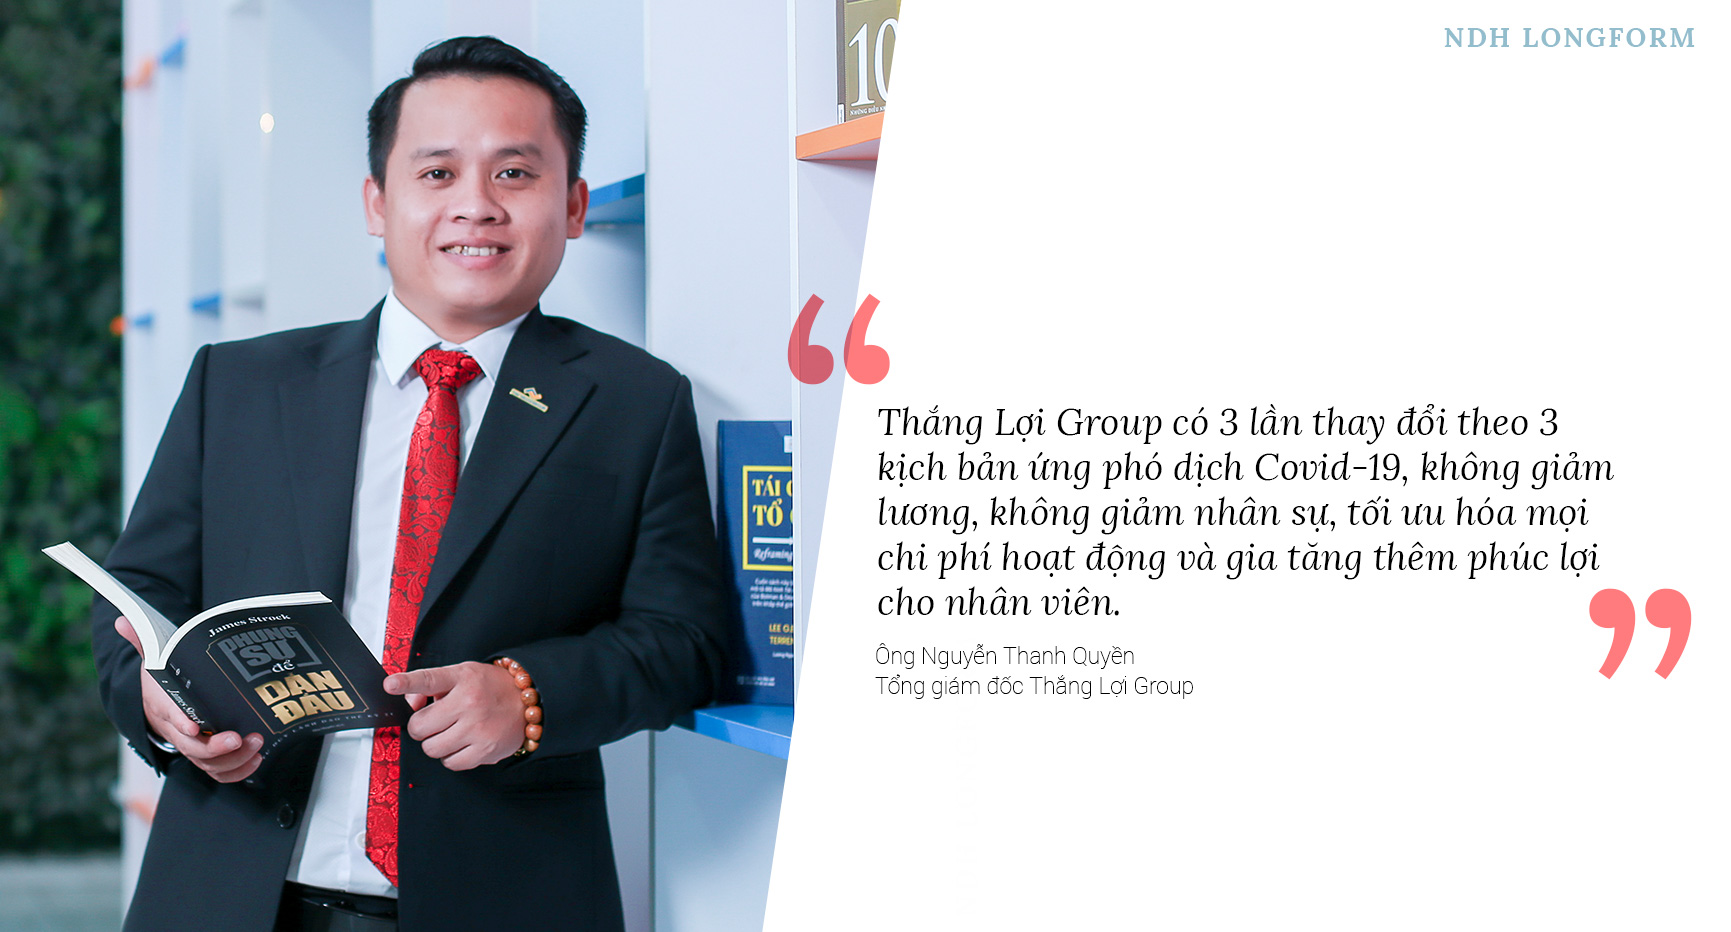 CEO Thắng Lợi Group: Vượt qua Covid-19 bằng cách đối mặt, dự kiến niêm yết HoSE giai đoạn 2021 - 2022 - Ảnh 2.